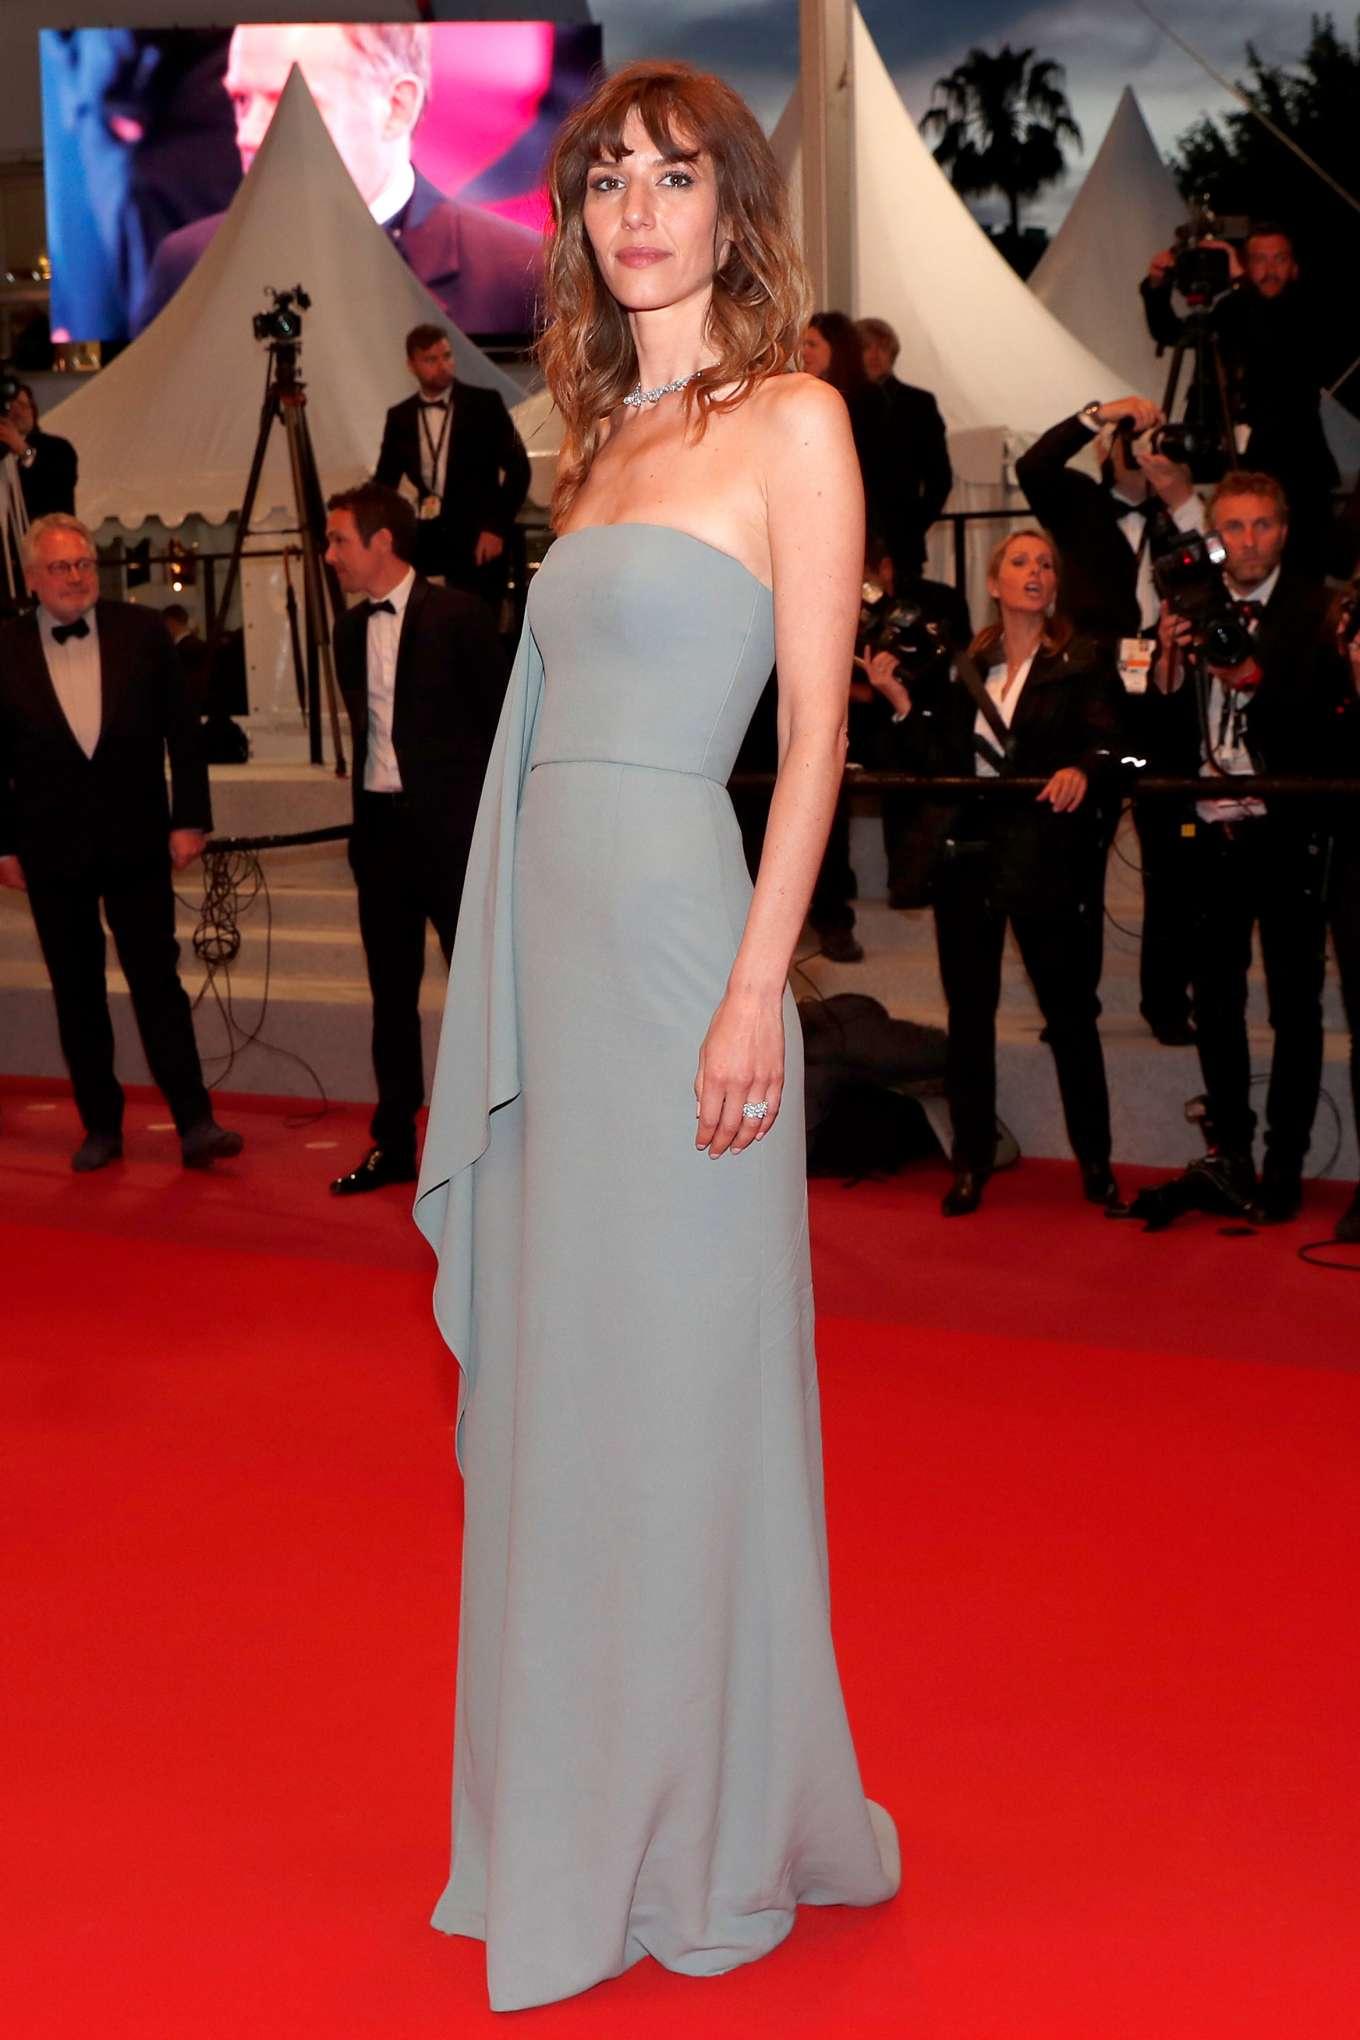 Doria Tillier 2019 : Doria Tillier: La Belle Epoque Premiere at 2019 Cannes Film Festival-04